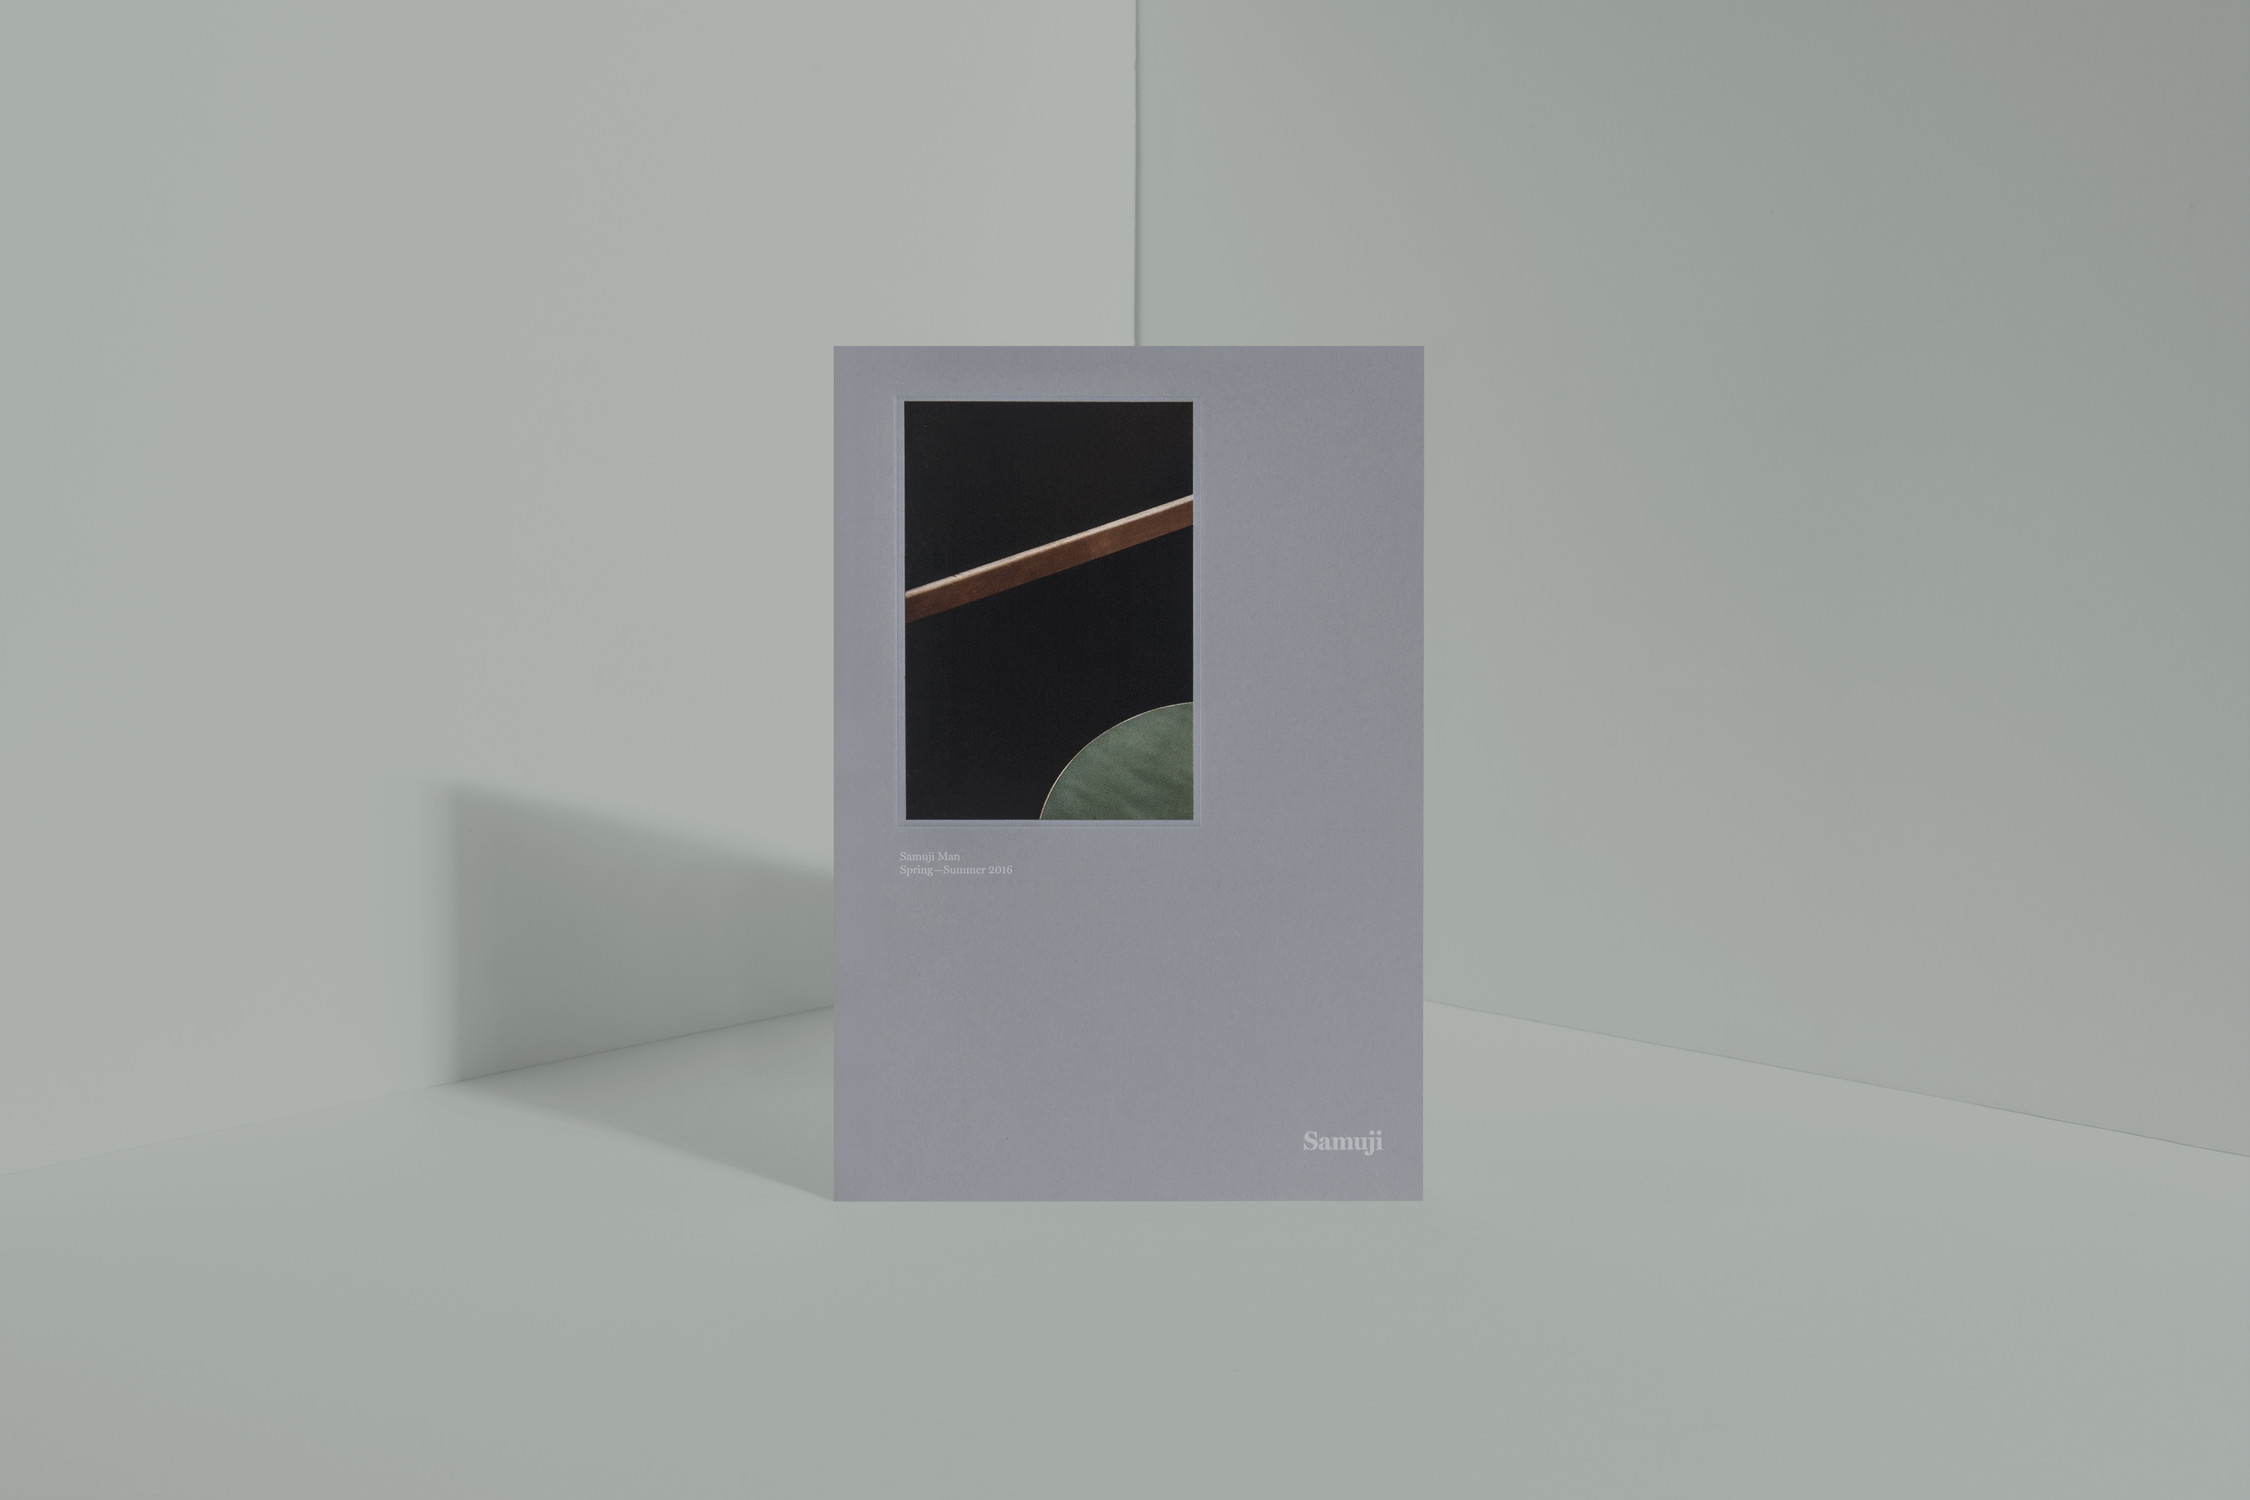 samuji-cover-02-2250x1500.jpg (2250×1500)